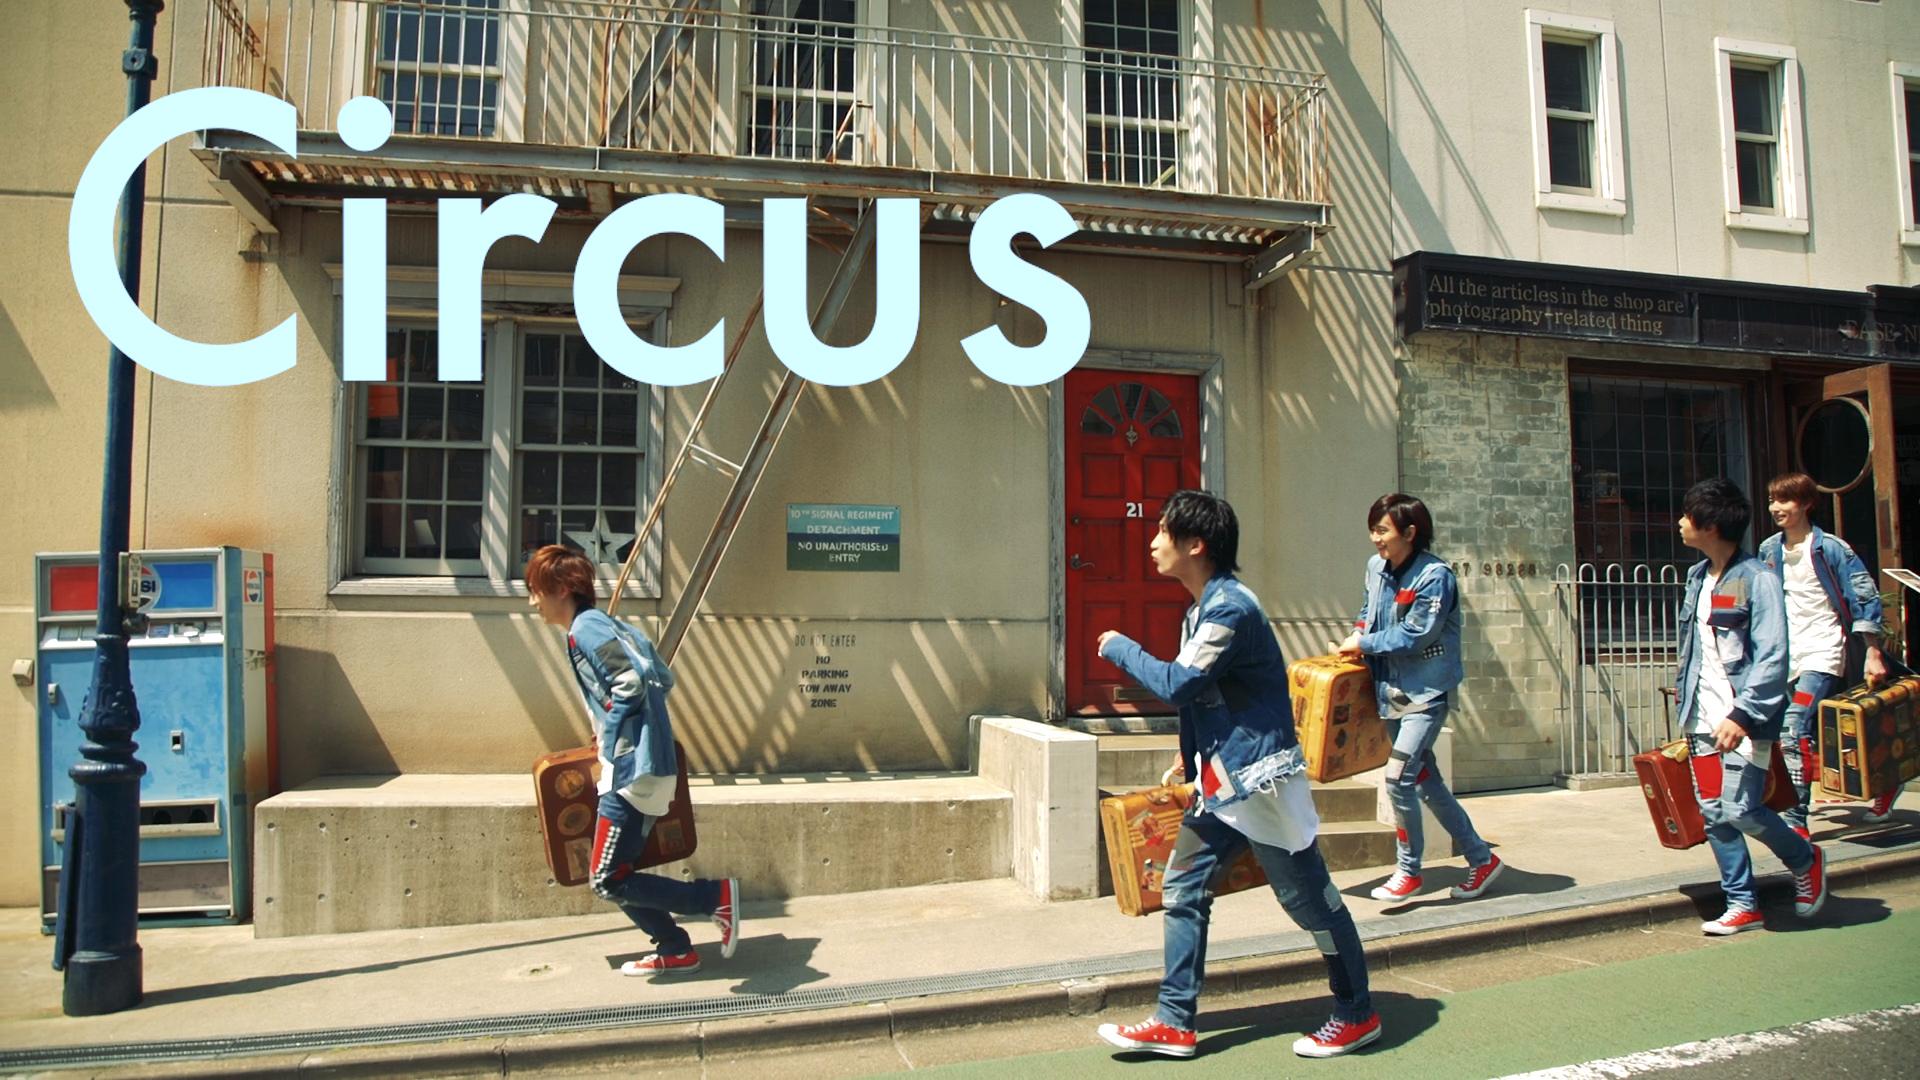 ☆★新曲「Circus」ミュージックビデオが公開☆★